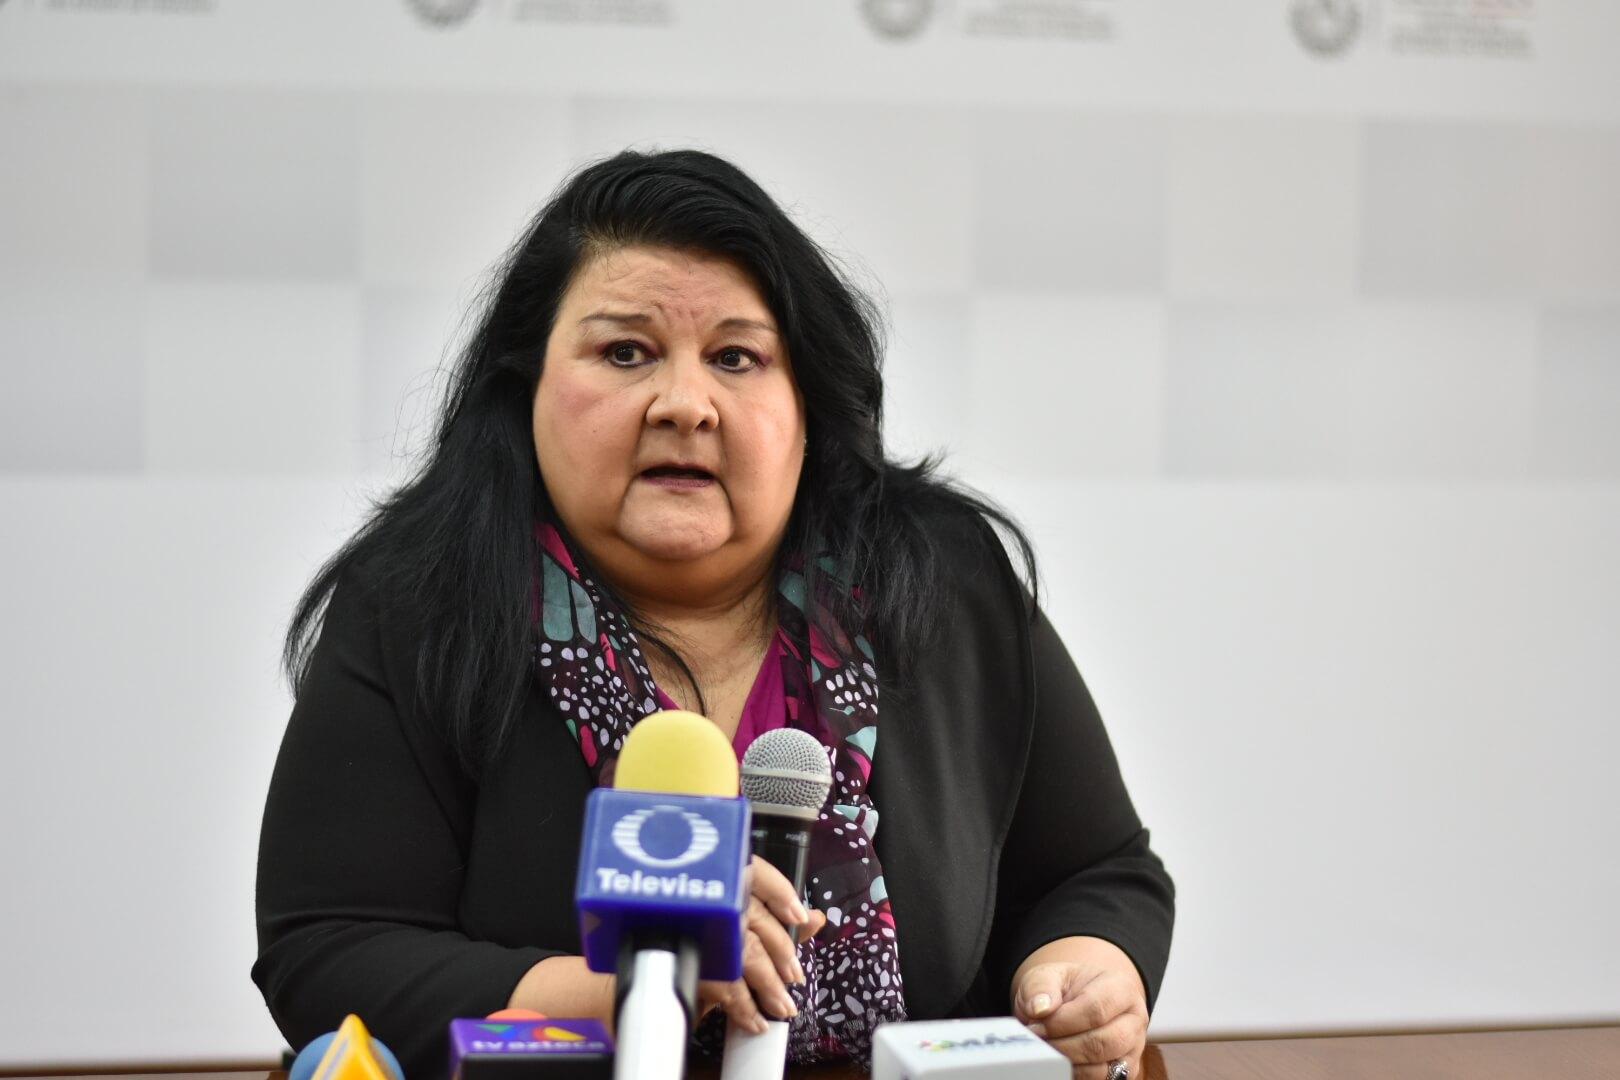 Clementina Guerrero García, ex titular de la Secretaría de Finanzas y Planeación (Sefiplan), logró que un juez le otorgara un amparo, ante cualquier aprehensión.